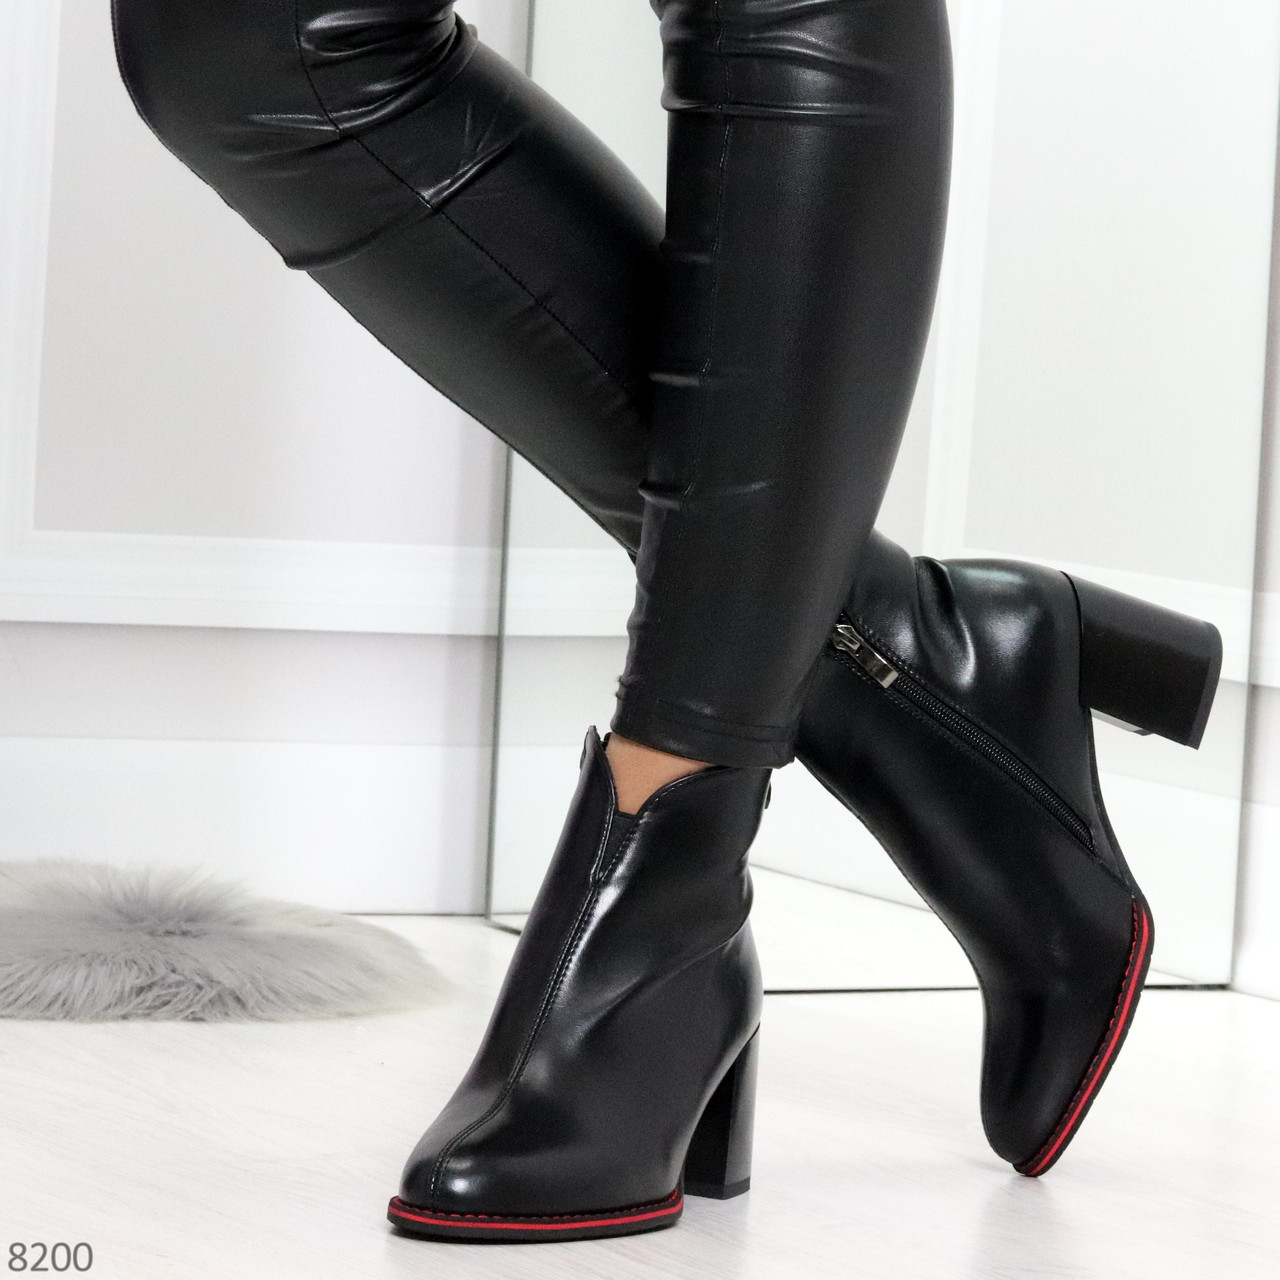 Элегантные повседневные черные женские ботинки ботильоны на флисе